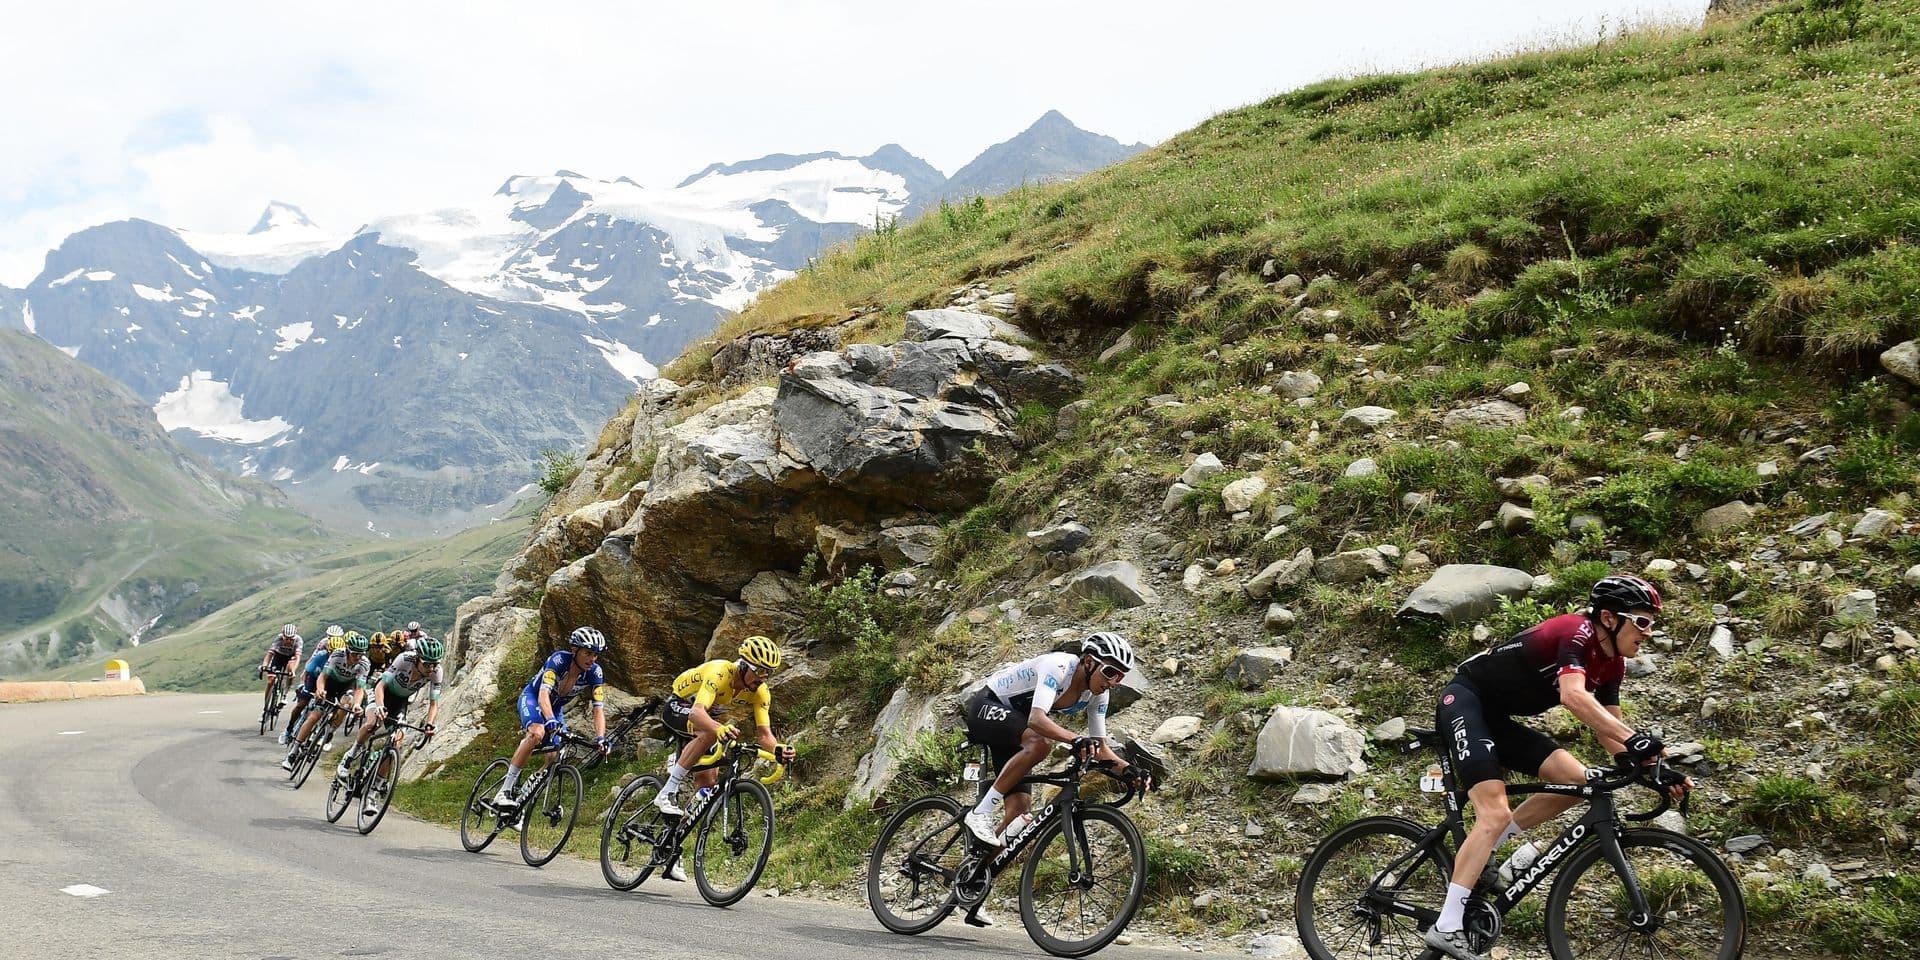 Les Pyrénées en toboggan: quelles sont les positions les plus efficaces en descente ?